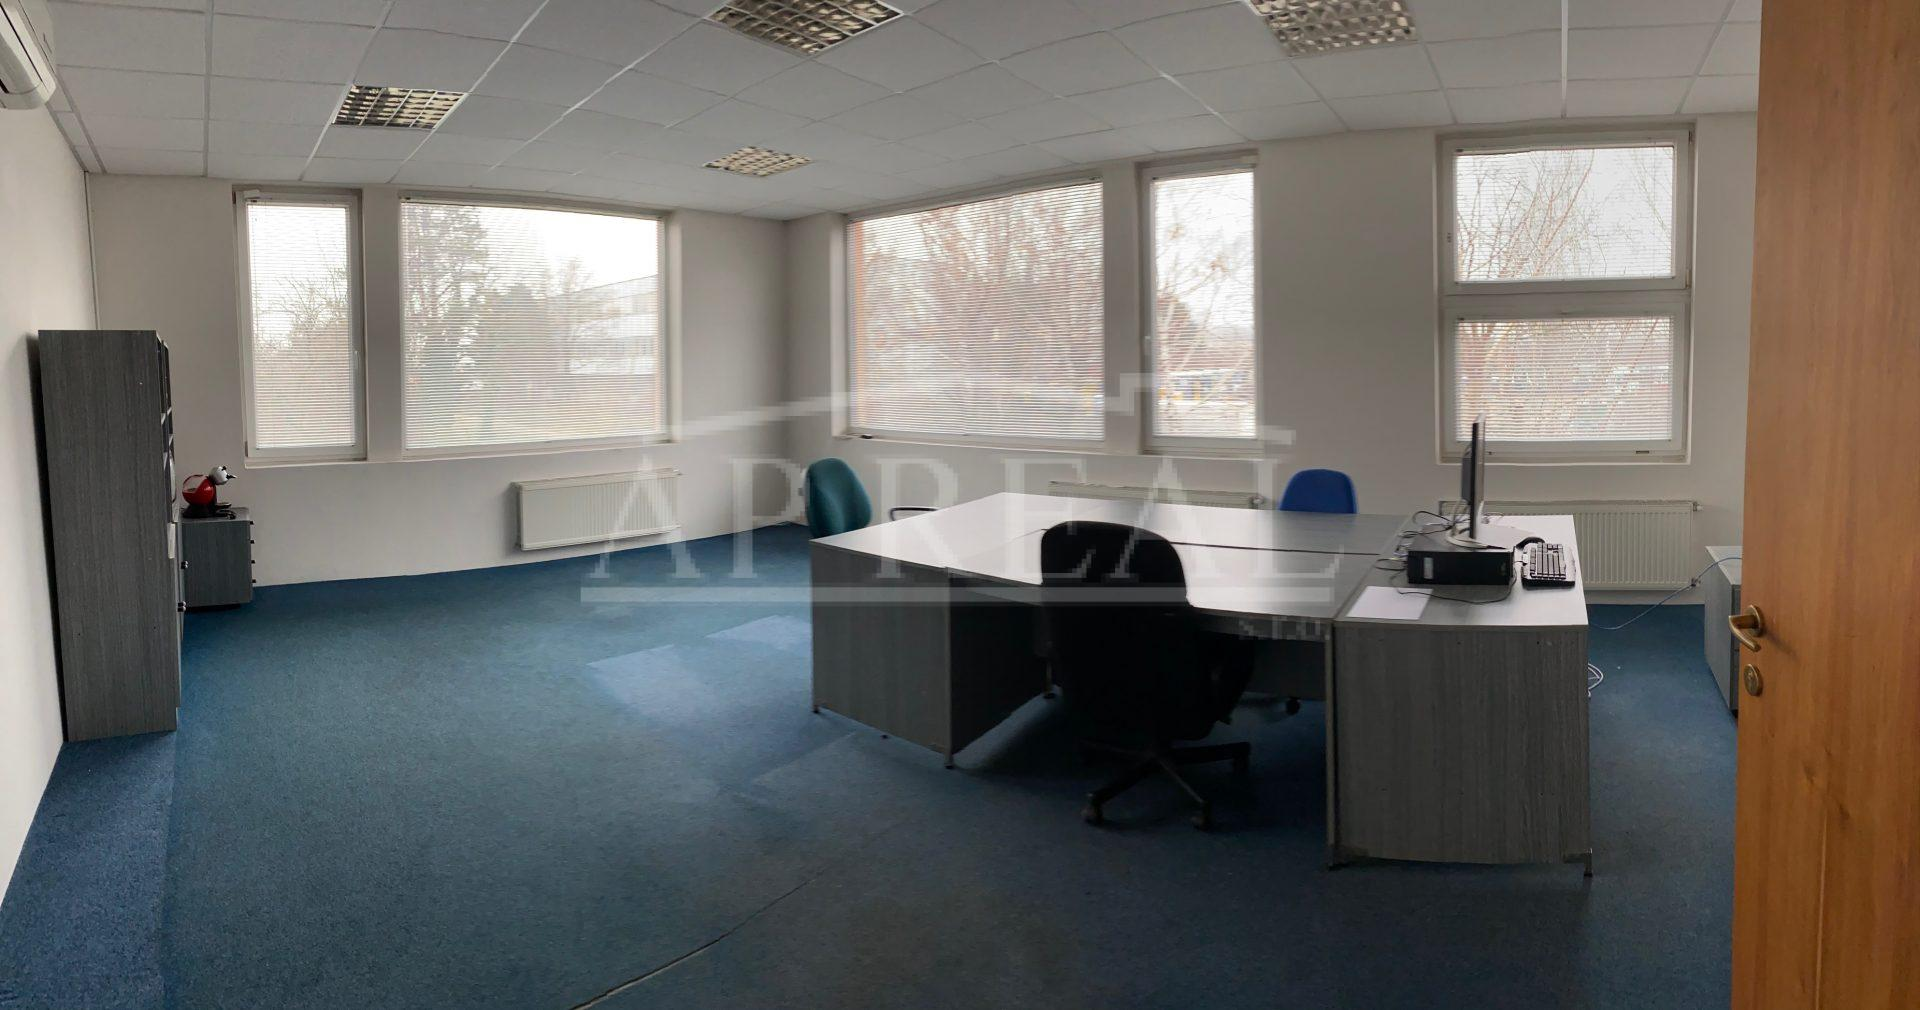 Kancelária 40m2 na prenájom s rokovacou miestnosťou a parkingom, Kaukazská ul.